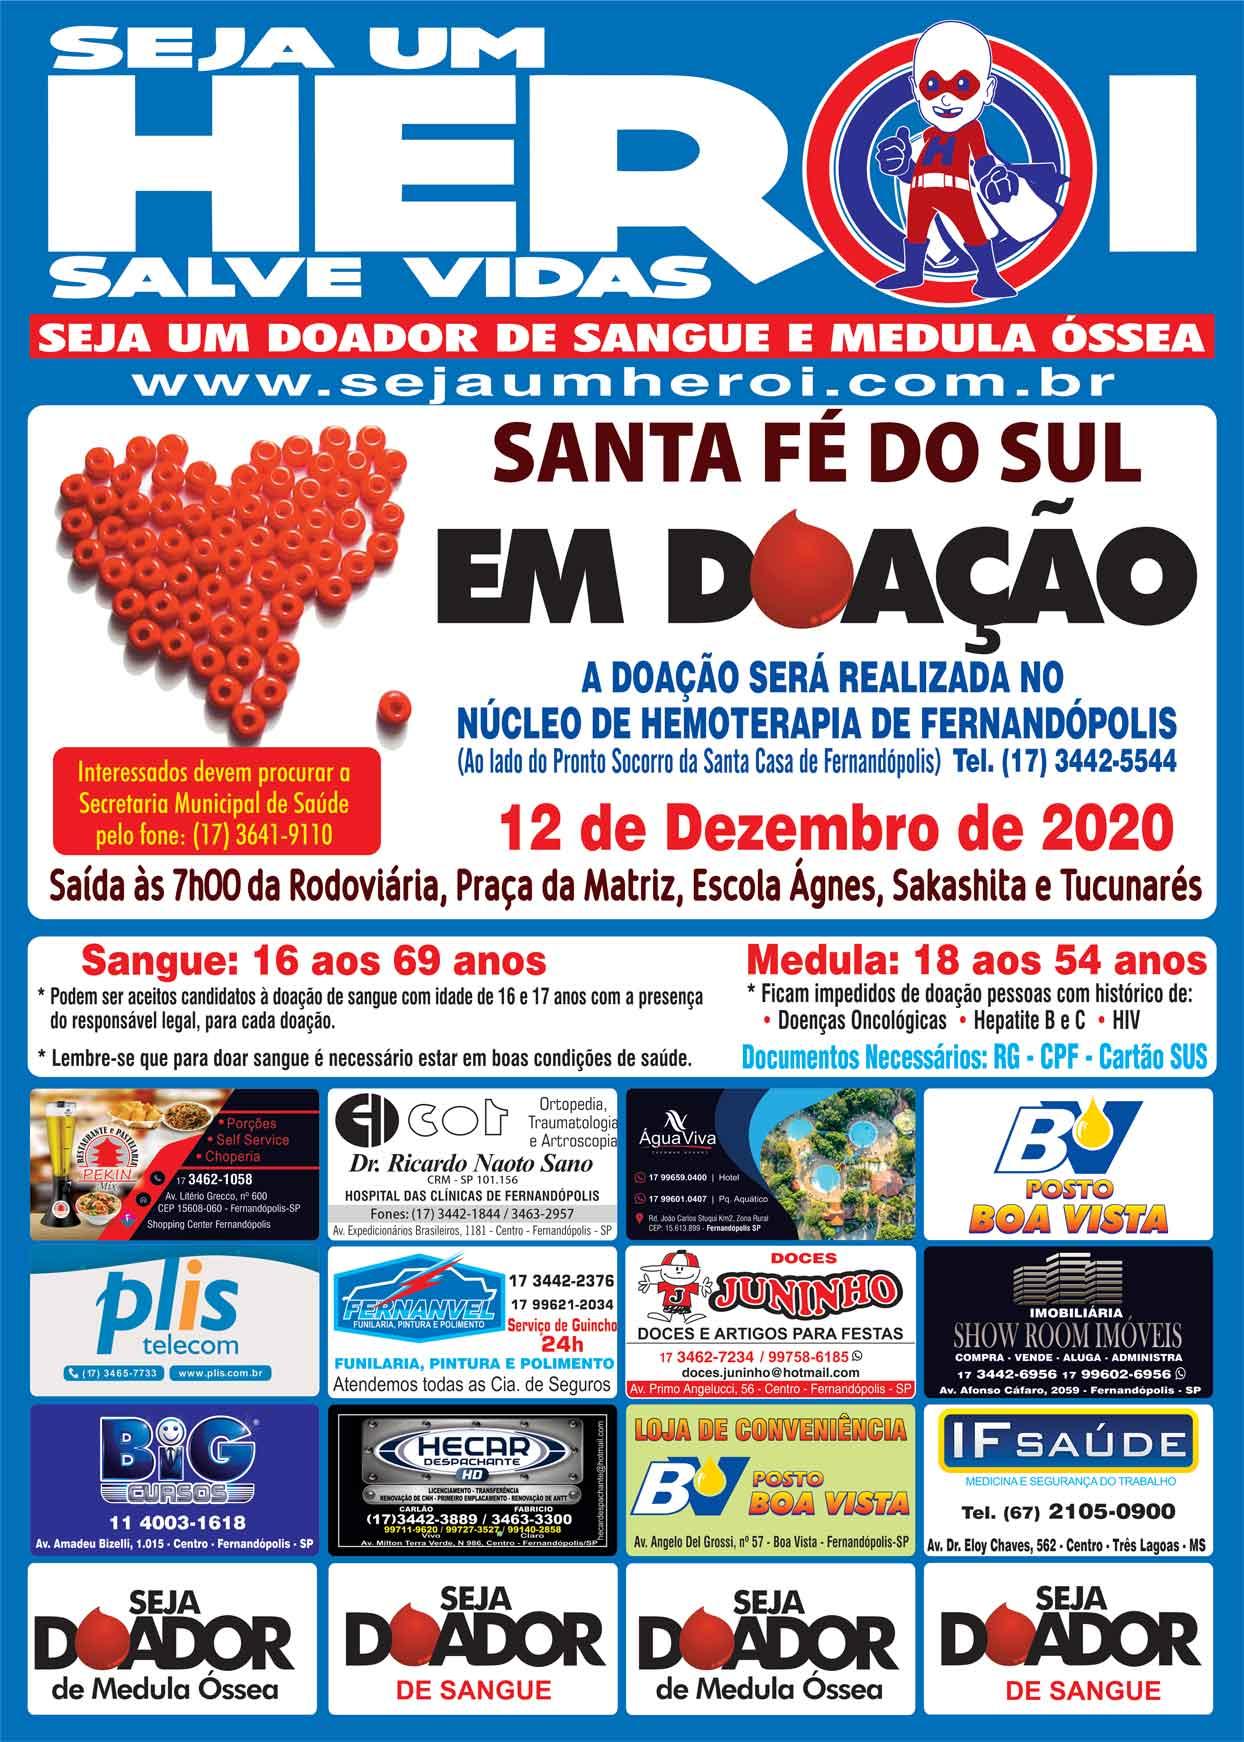 Santa Fé do Sul em Doação 12 de Dezembro de 2020